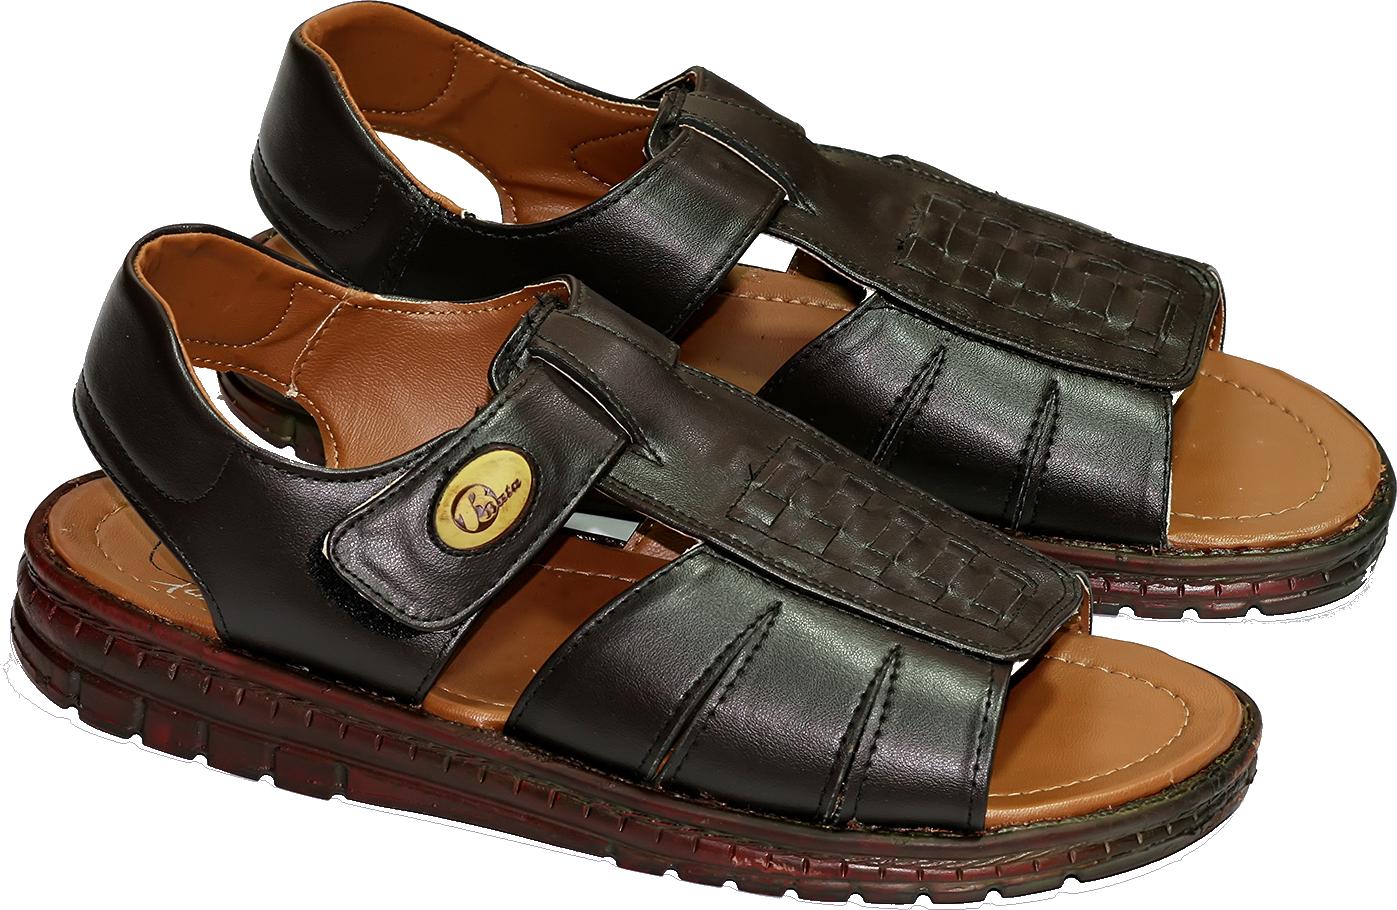 Sandal PNG Transparent Images | PNG All